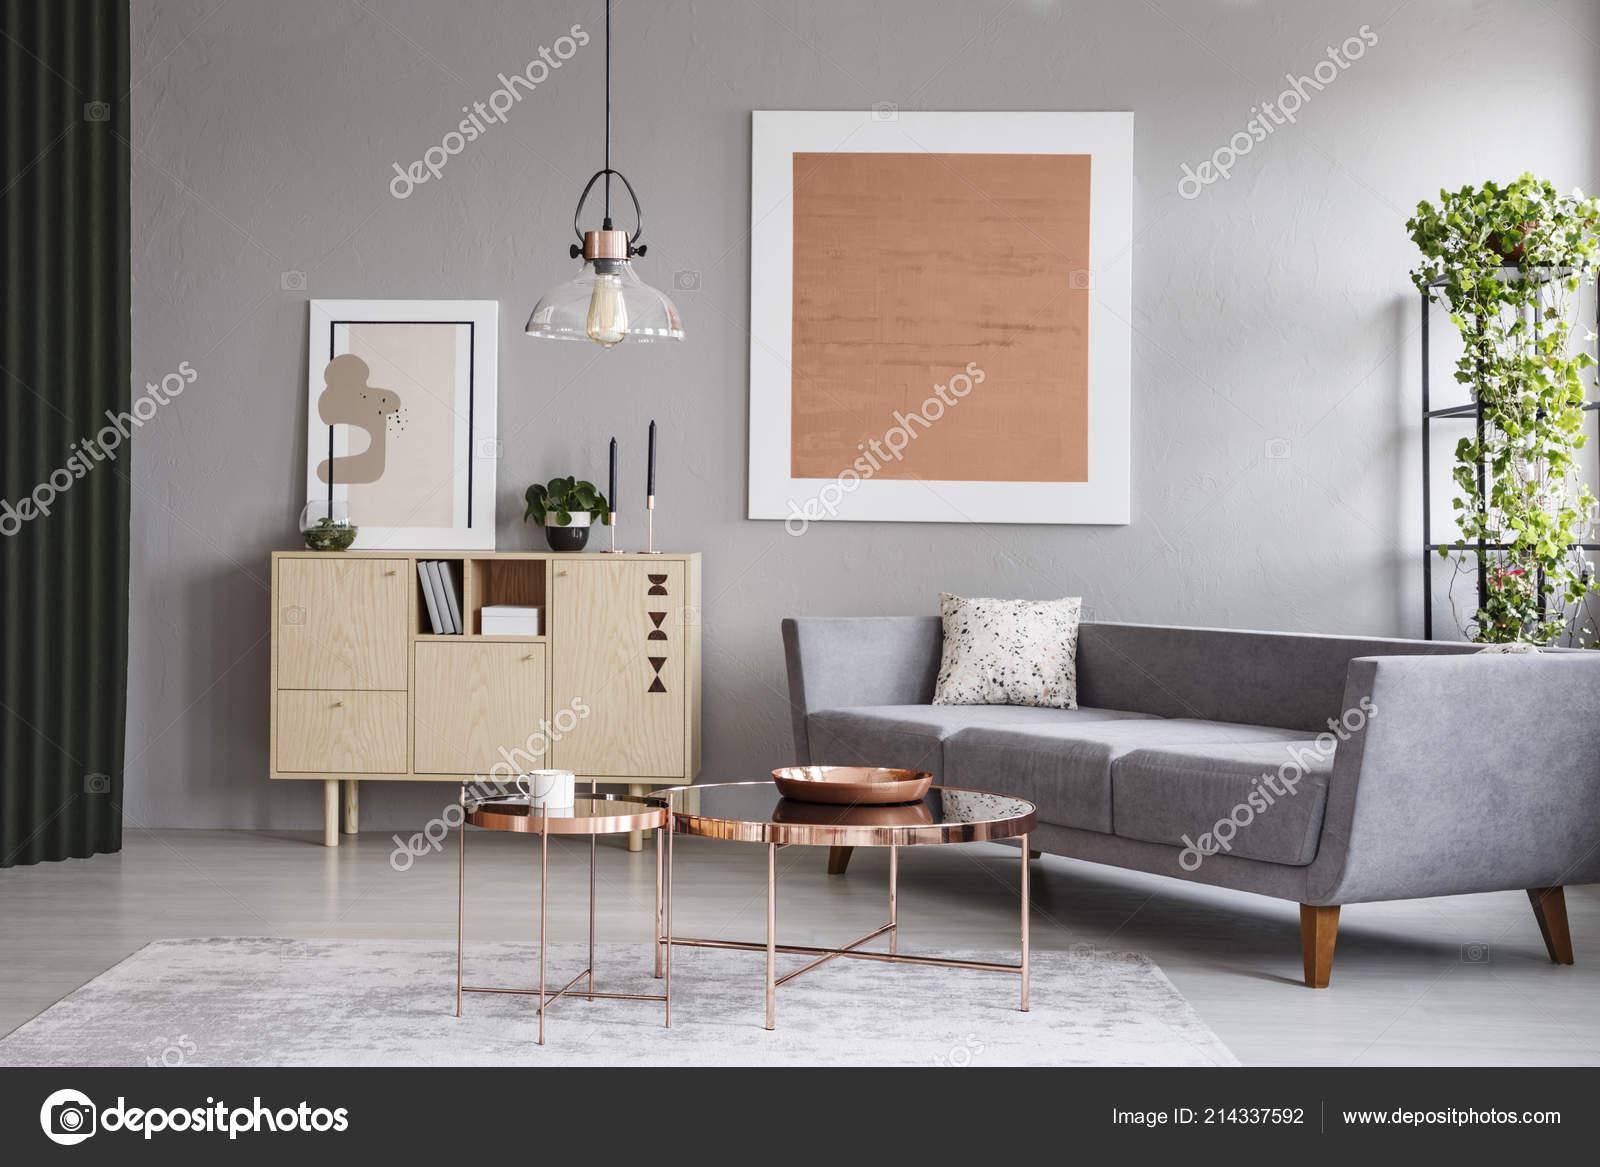 Moderne Couch Und Kupfer Tabellen Einem Grauen Wohnzimmer Interieur ...